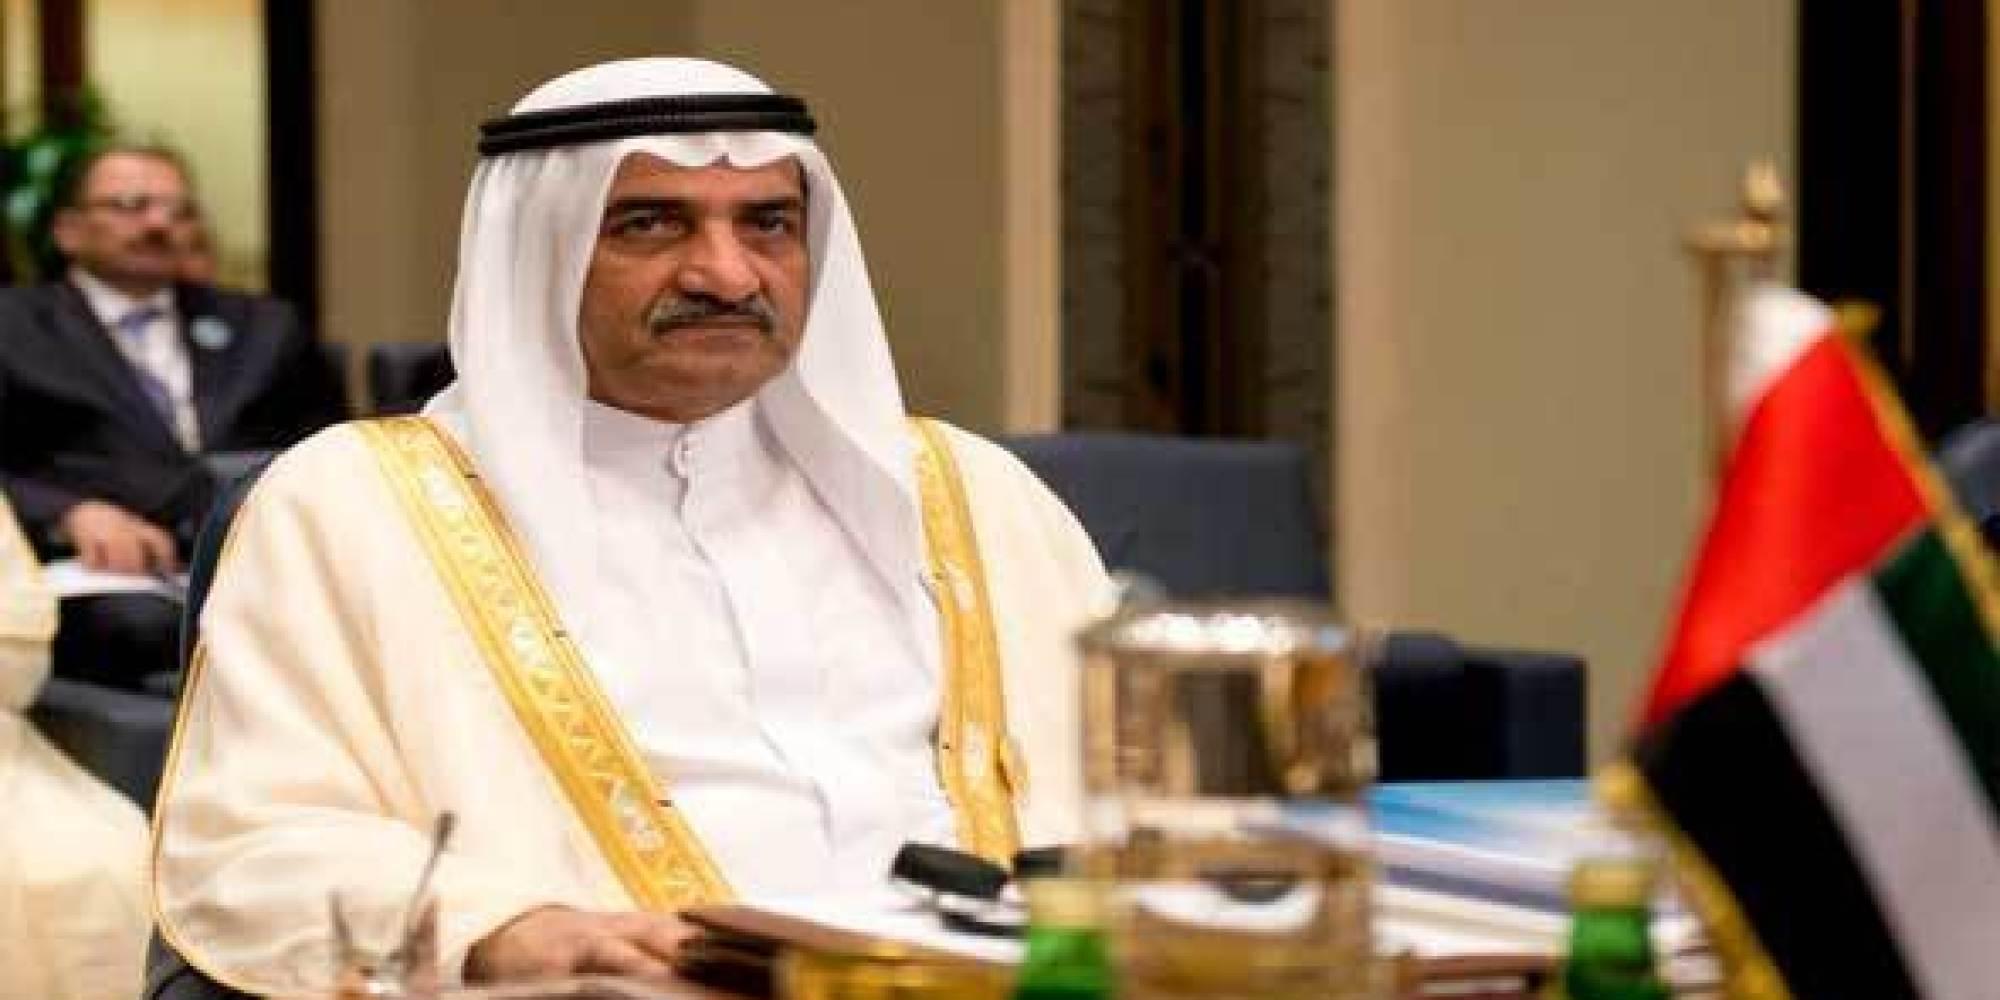 الإمارات ترد على تهديدات إيران: إغلاق مضيق هرمز أصبح من الماضي ولا نكترث له كثيراً